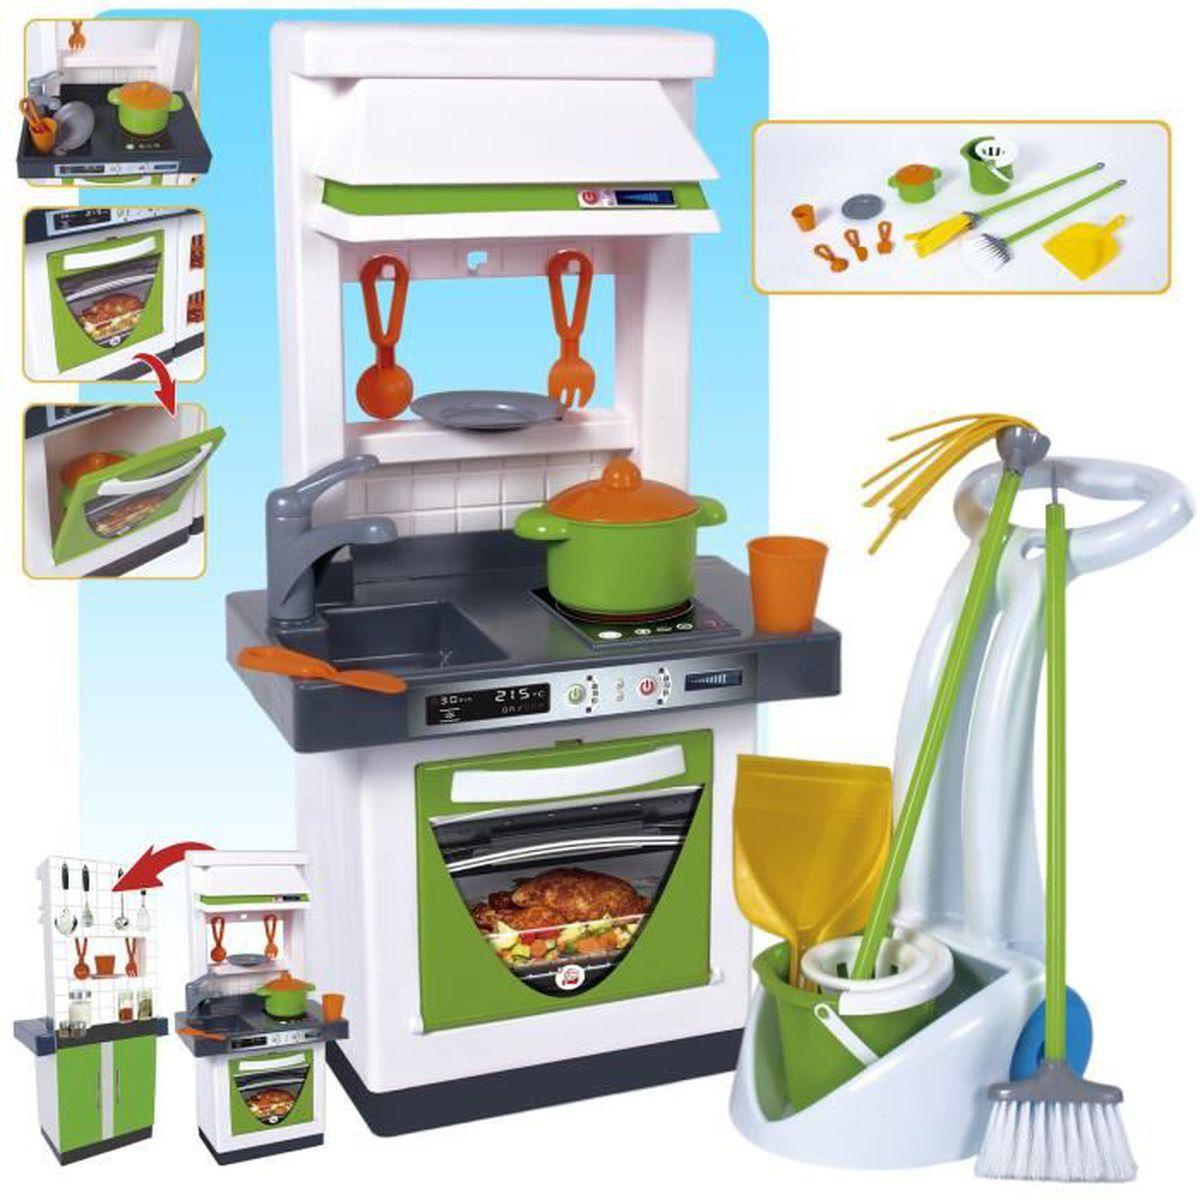 cuisine avec chariot de nettoyage et accesoires achat vente dinette cuisine cdiscount. Black Bedroom Furniture Sets. Home Design Ideas